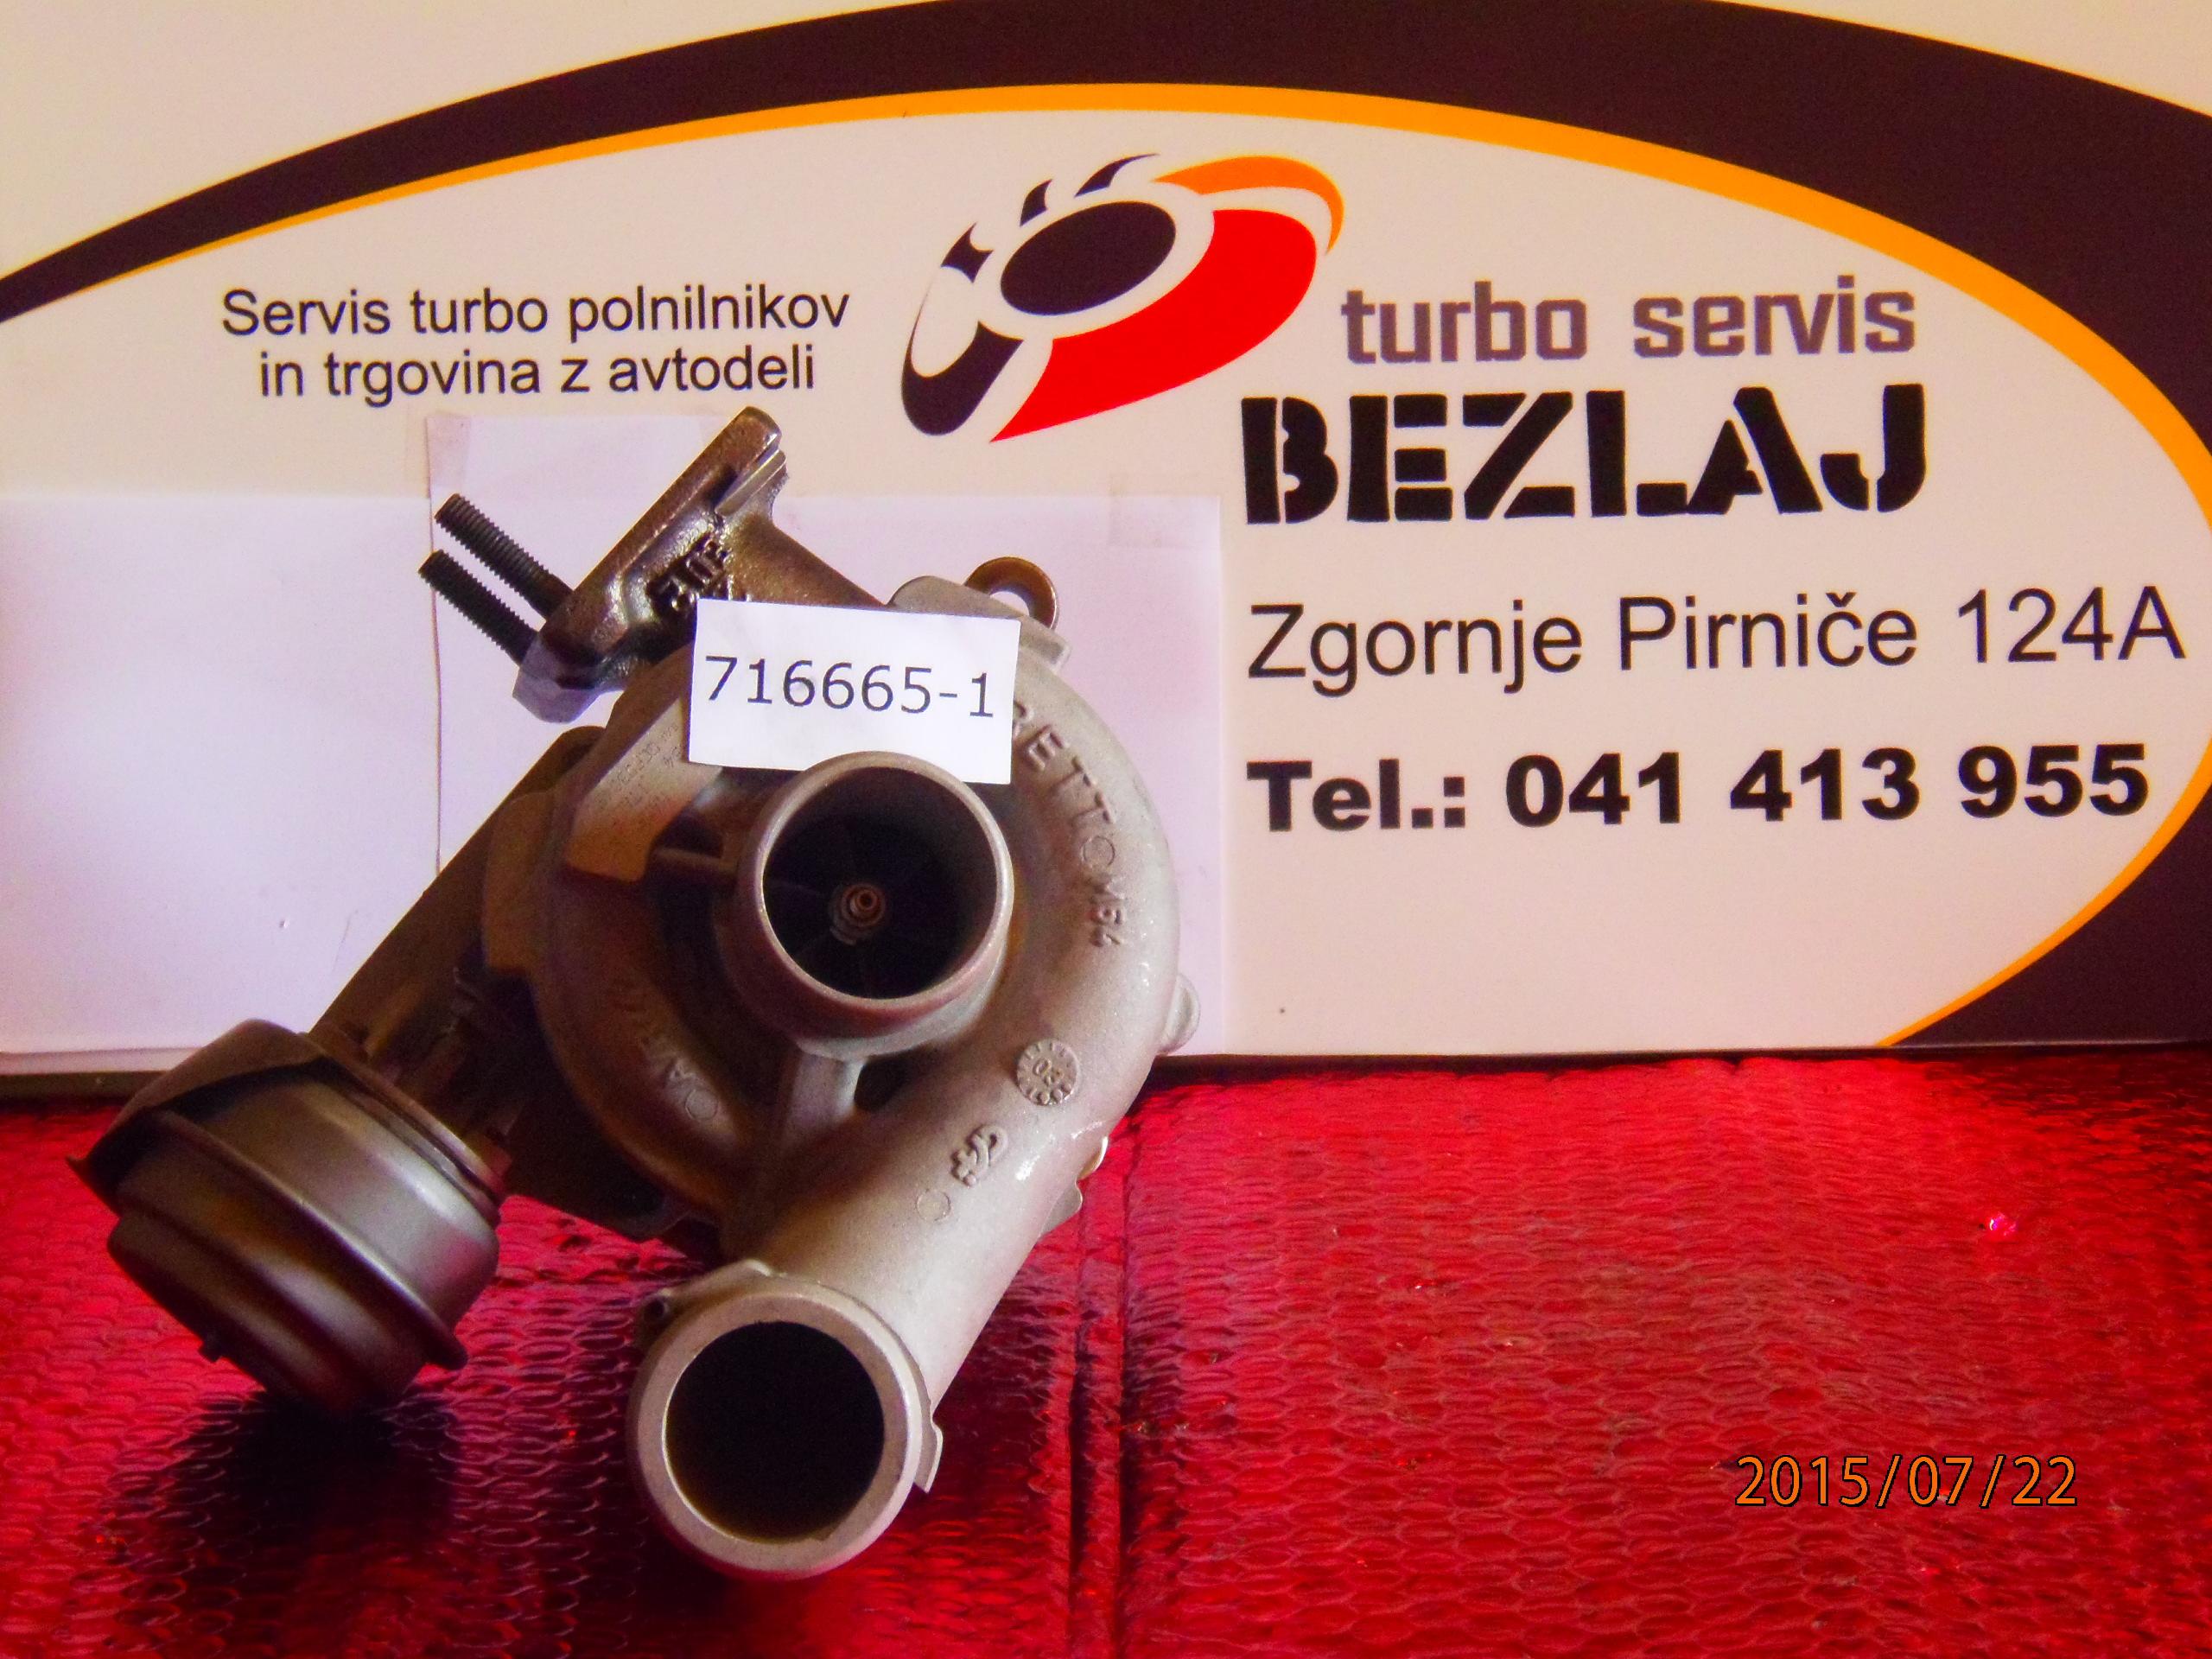 turbo716665-1 (6)